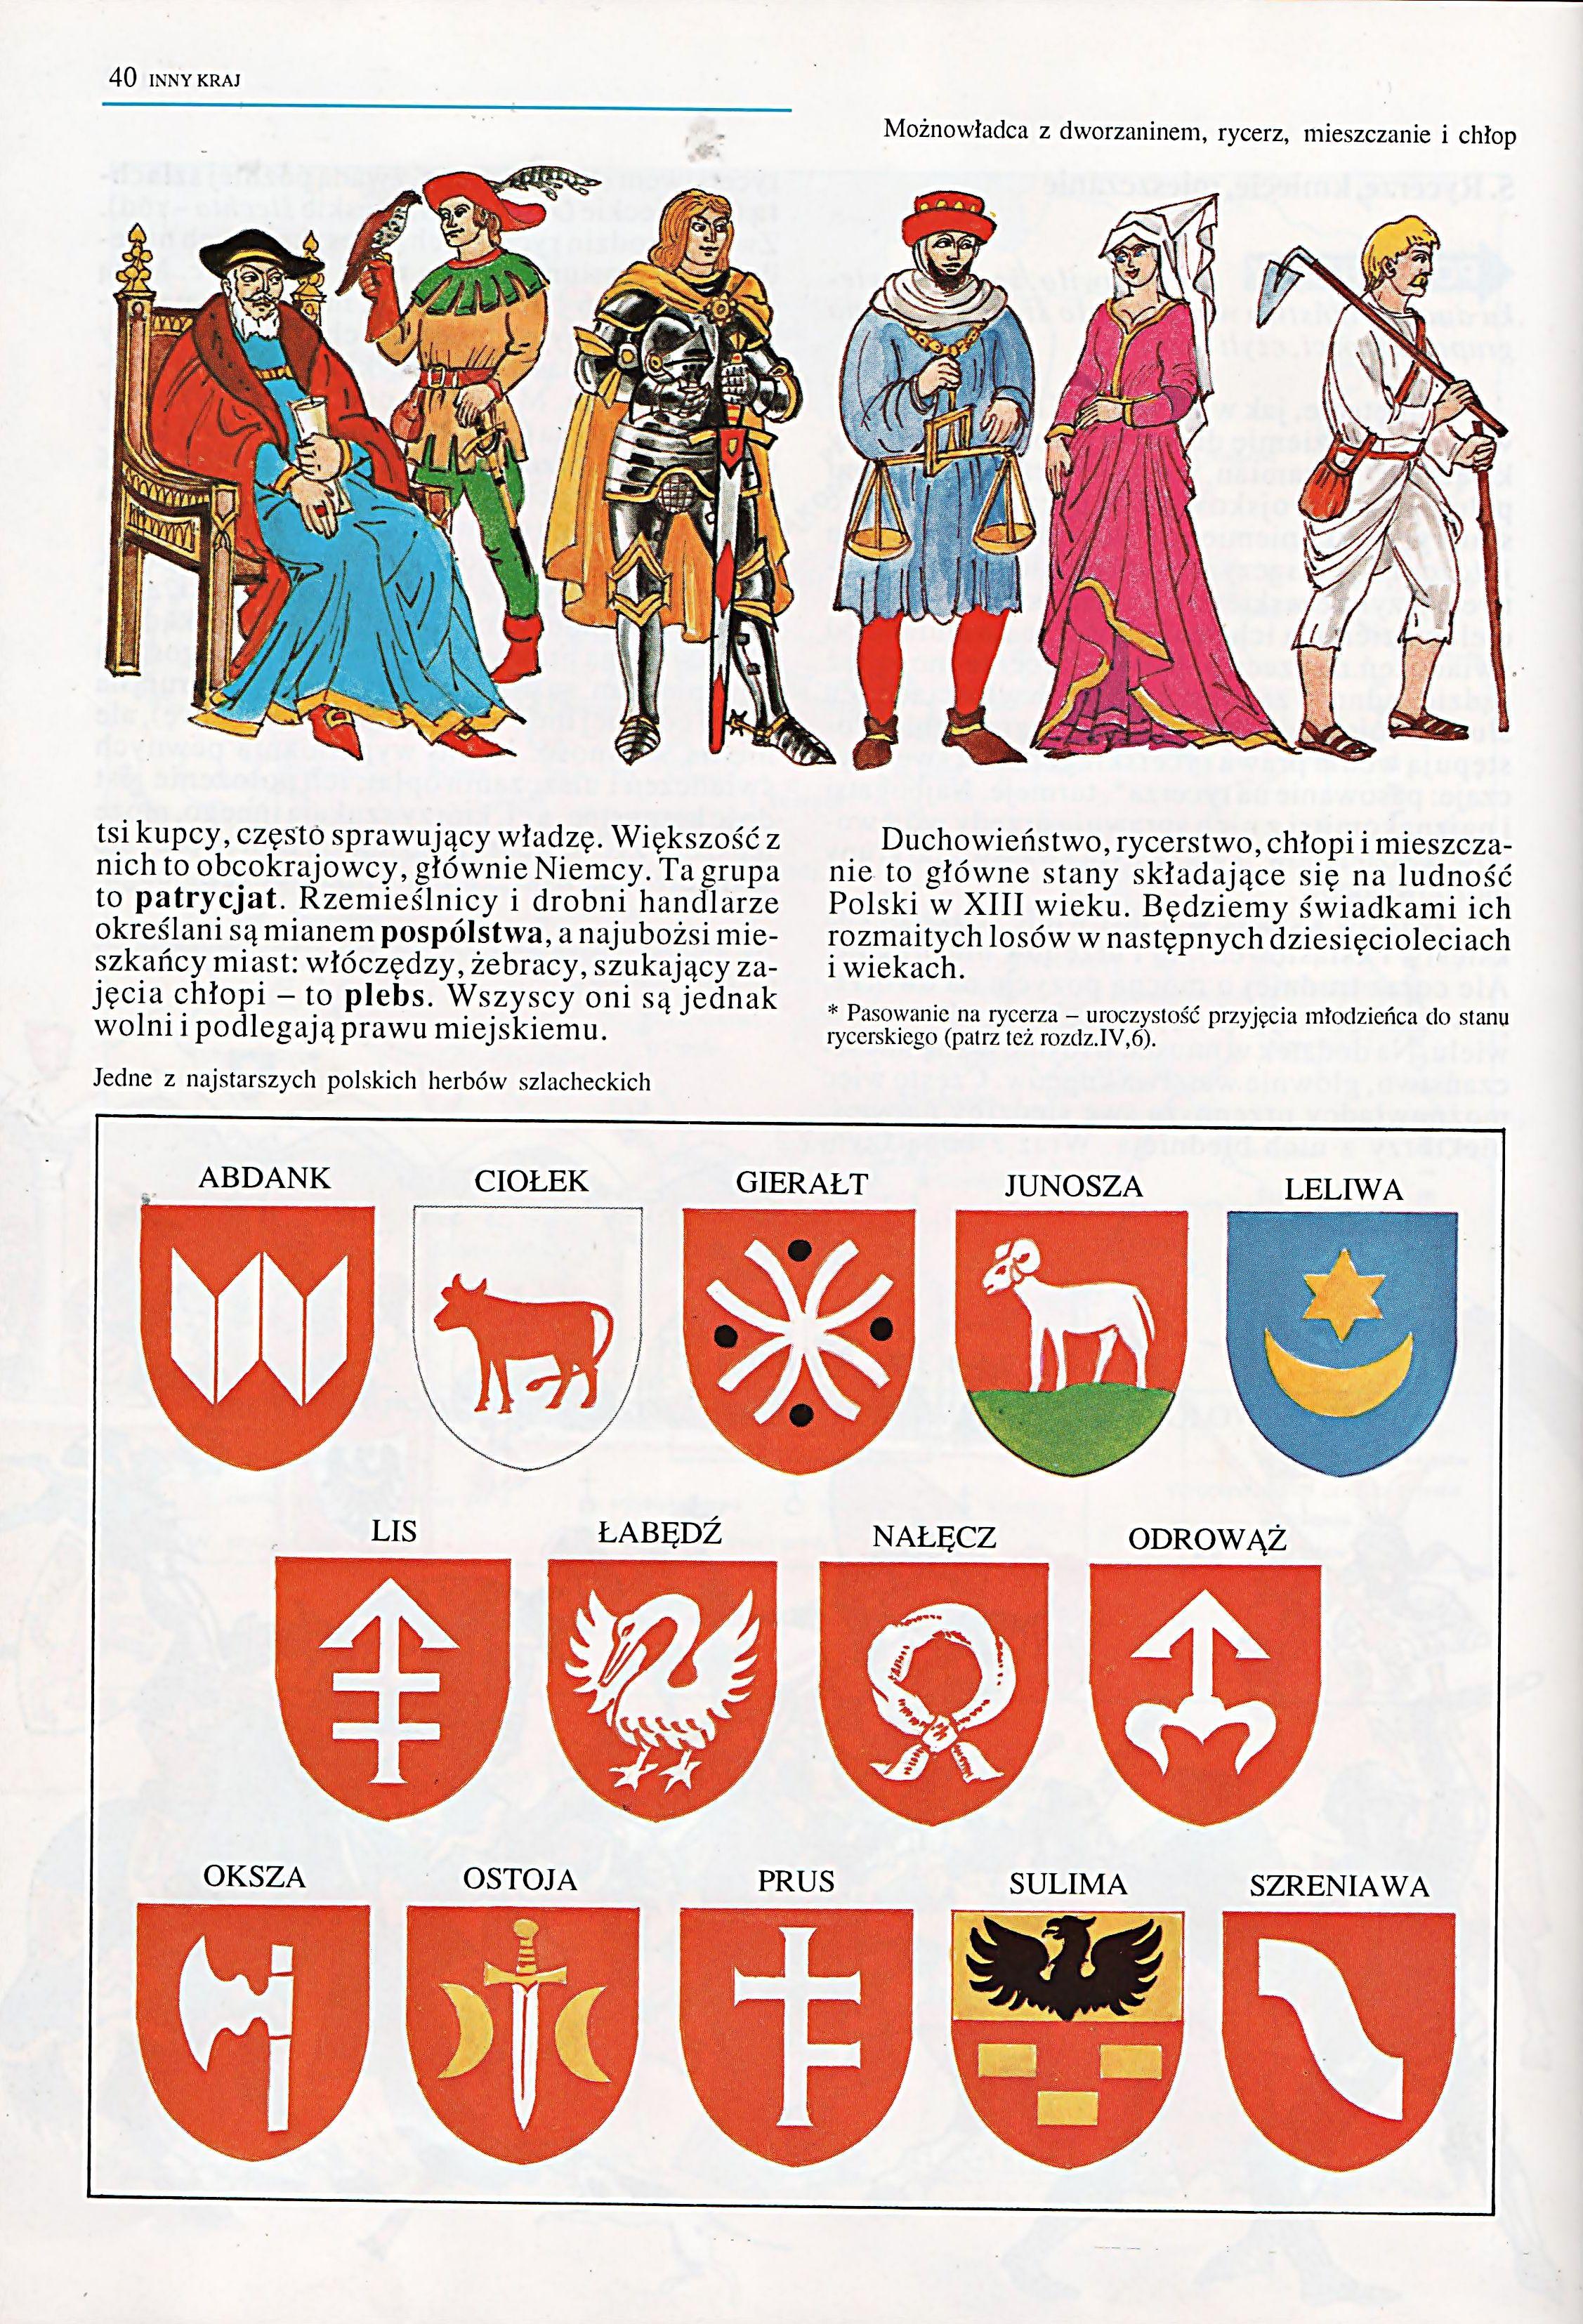 Ilustracja Z Ksiazki Polska Trzech Boleslawow Stroje Herby Szlacheckie Cards Playing Cards